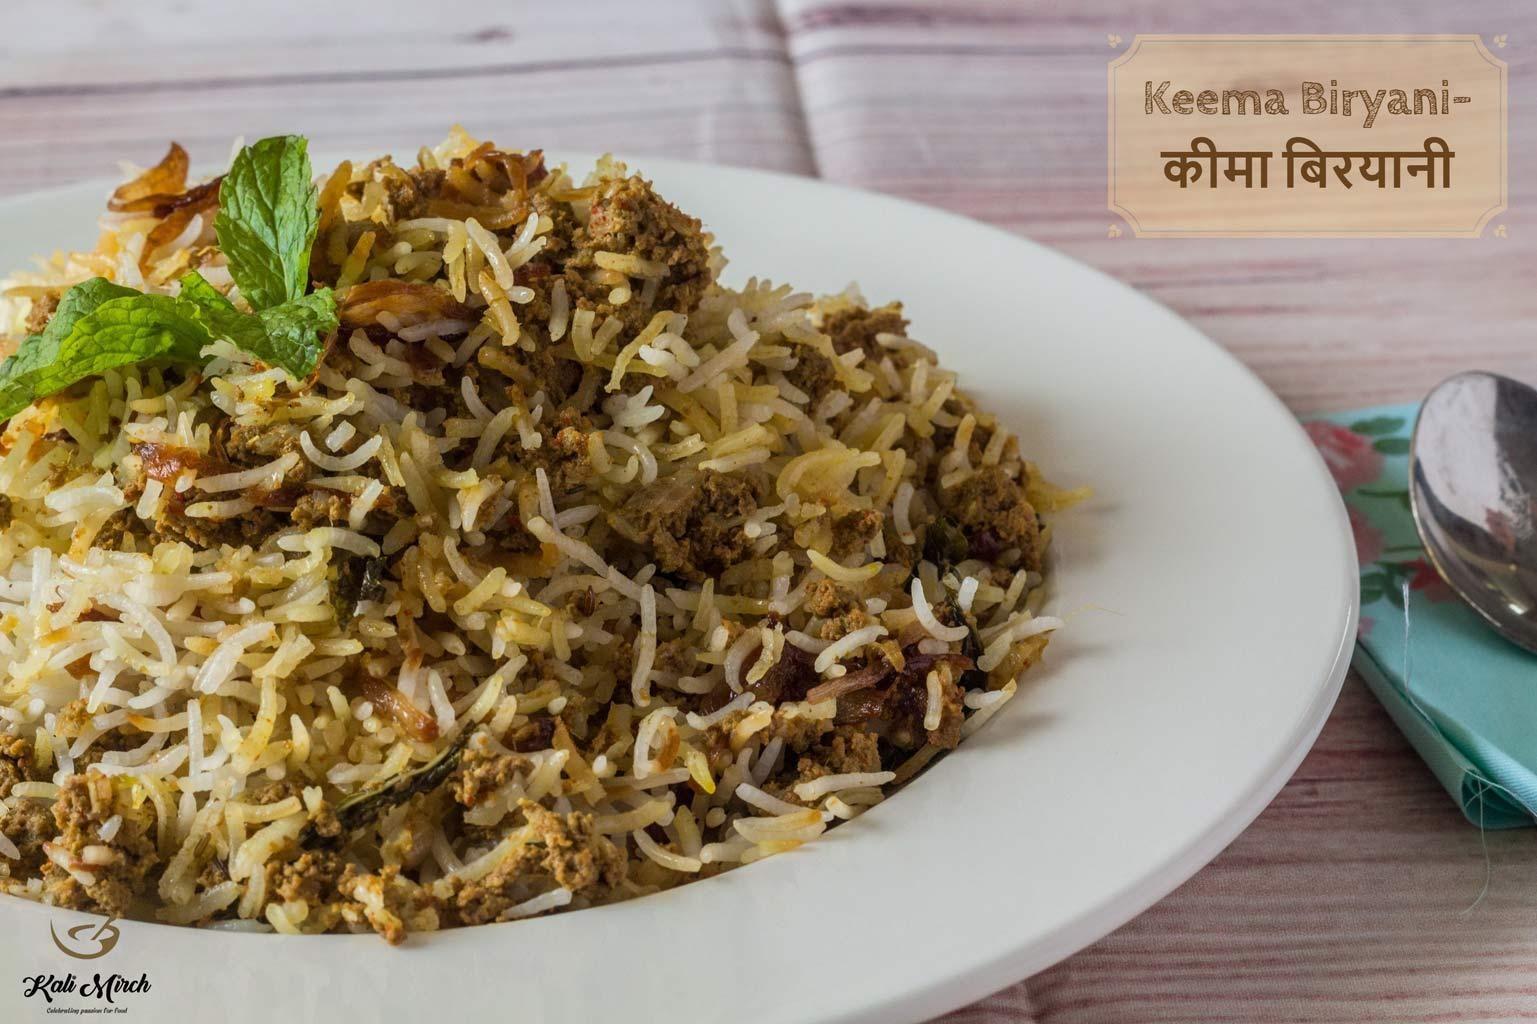 Keema Biryani Mutton Keema Biryani Recipe Biryani Indian Food